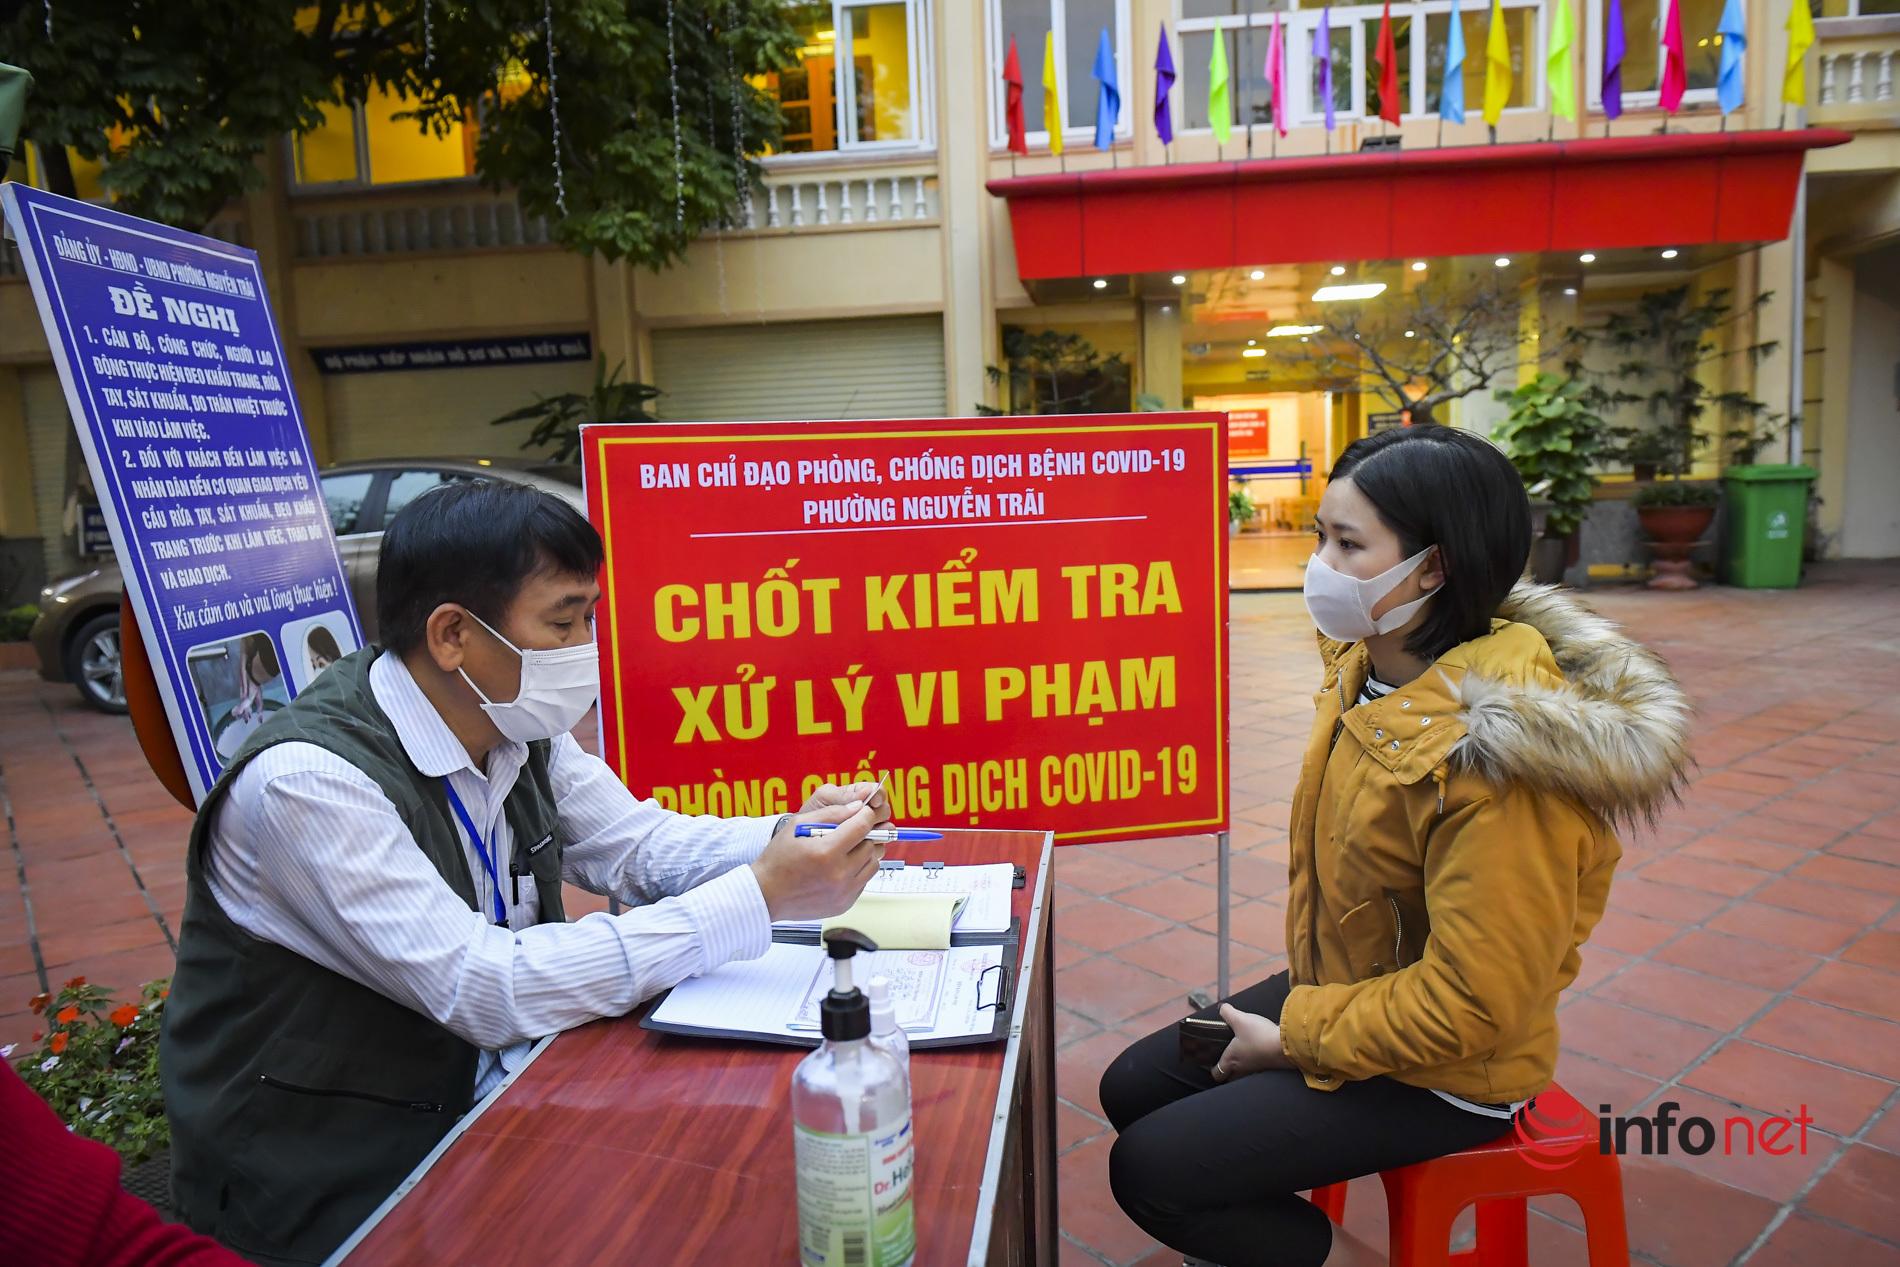 Đường phố Hải Dương vắng lặng trước giờ kết thúc cách ly xã hội